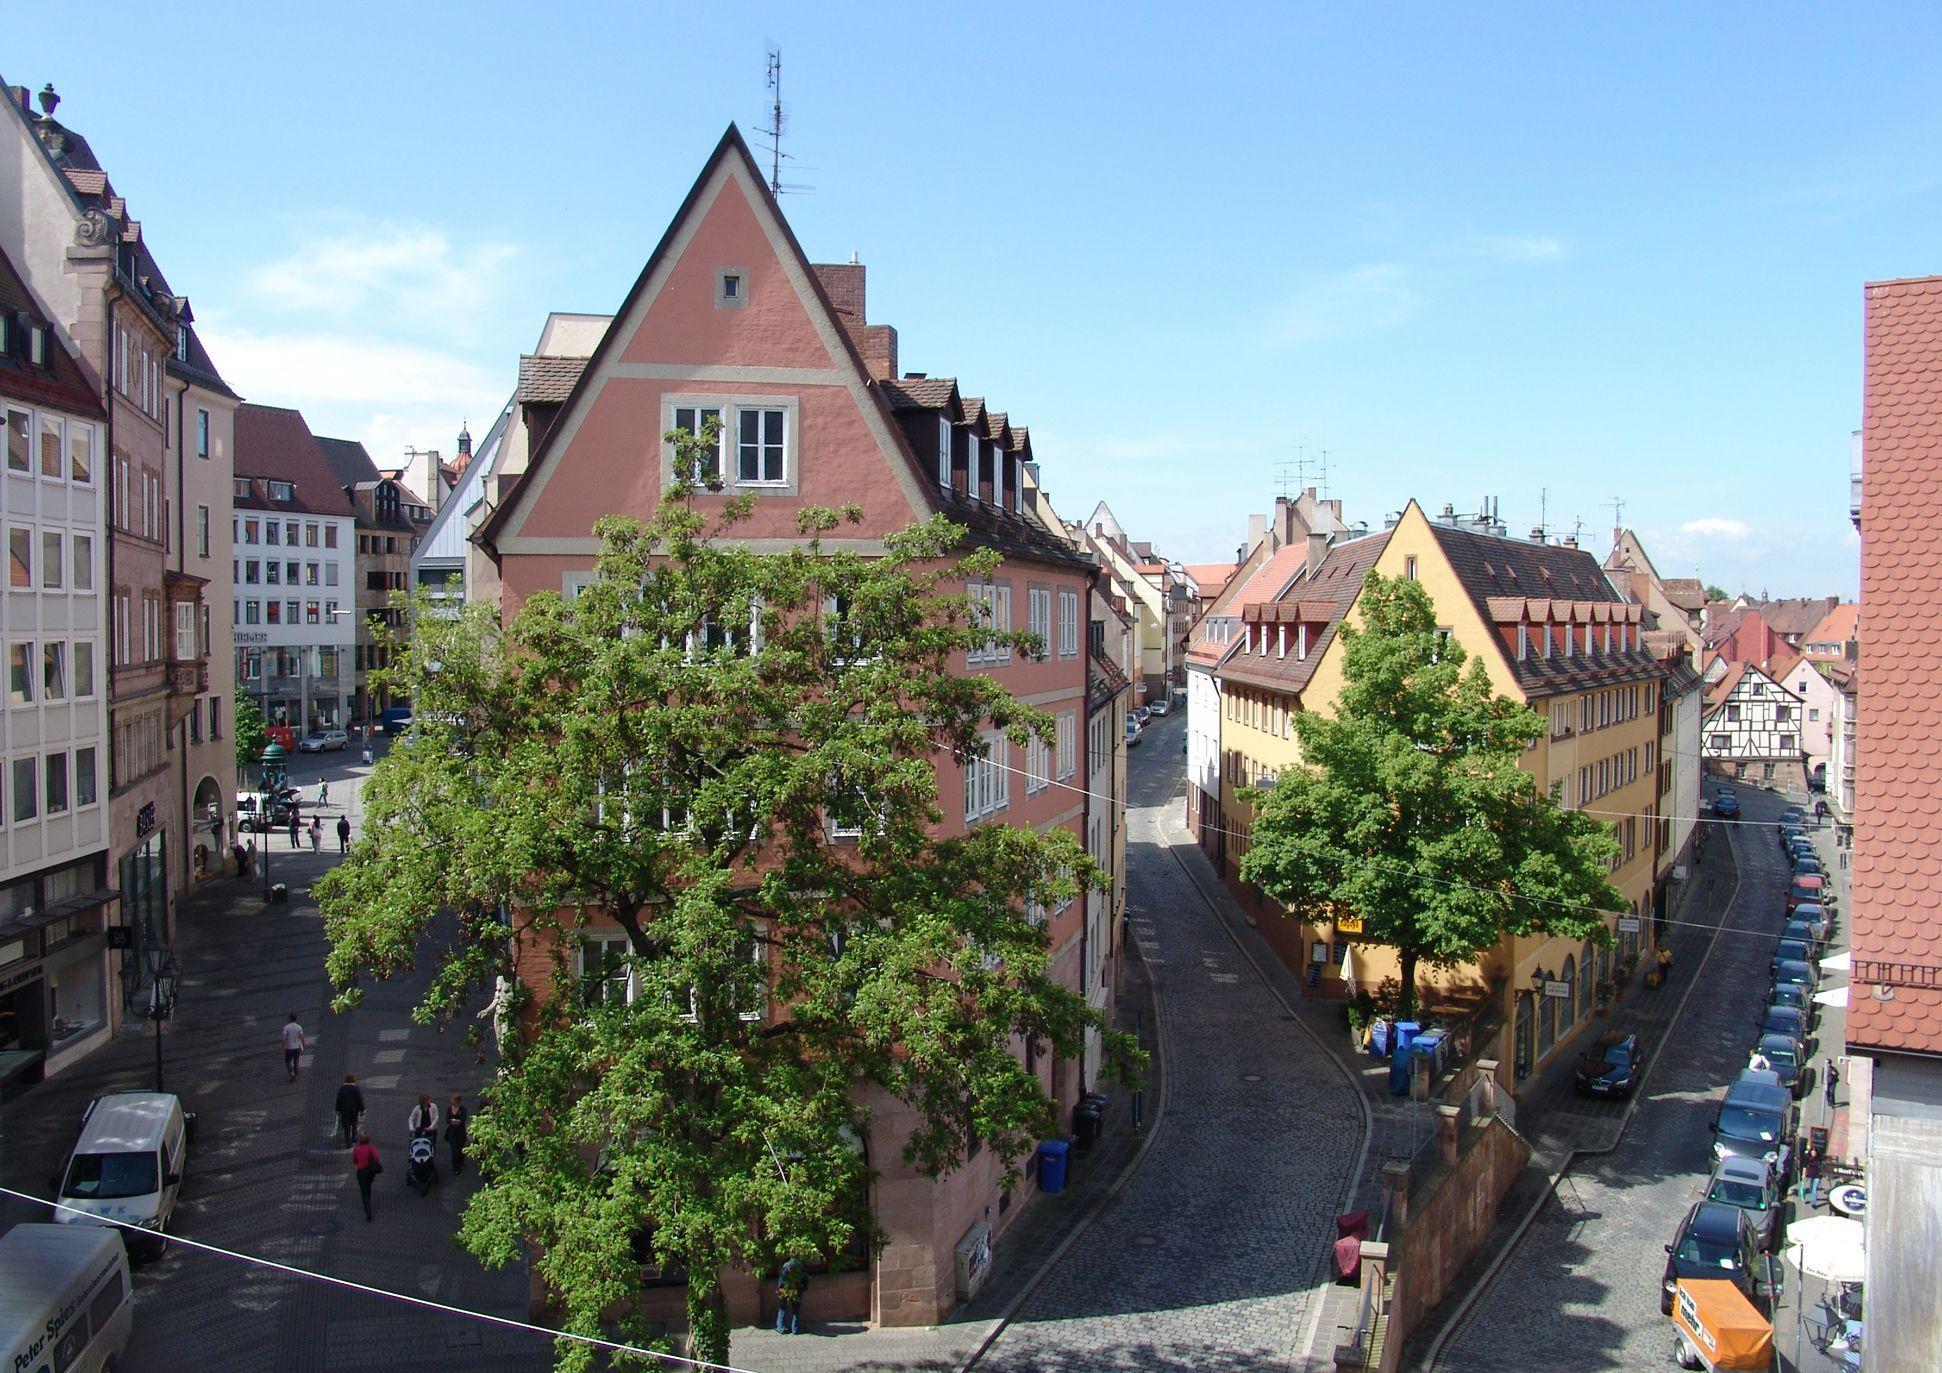 Geschäfts- und Wohnhaus Kaiserstraße Blick in die Kaiserstraße, Hintere Ledergasse und Obere Wörthstraße